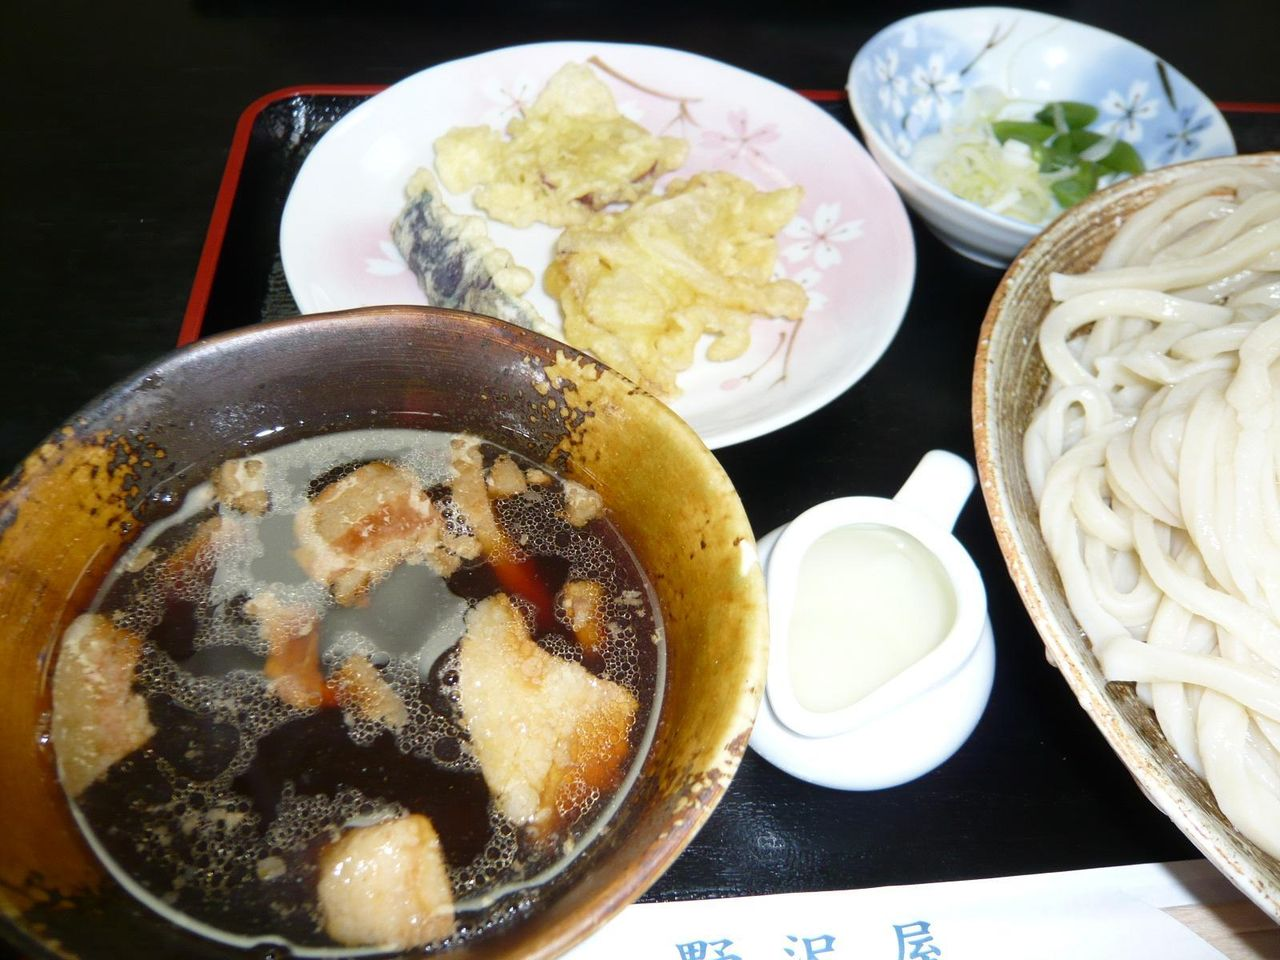 濃厚な肉汁、天ぷら